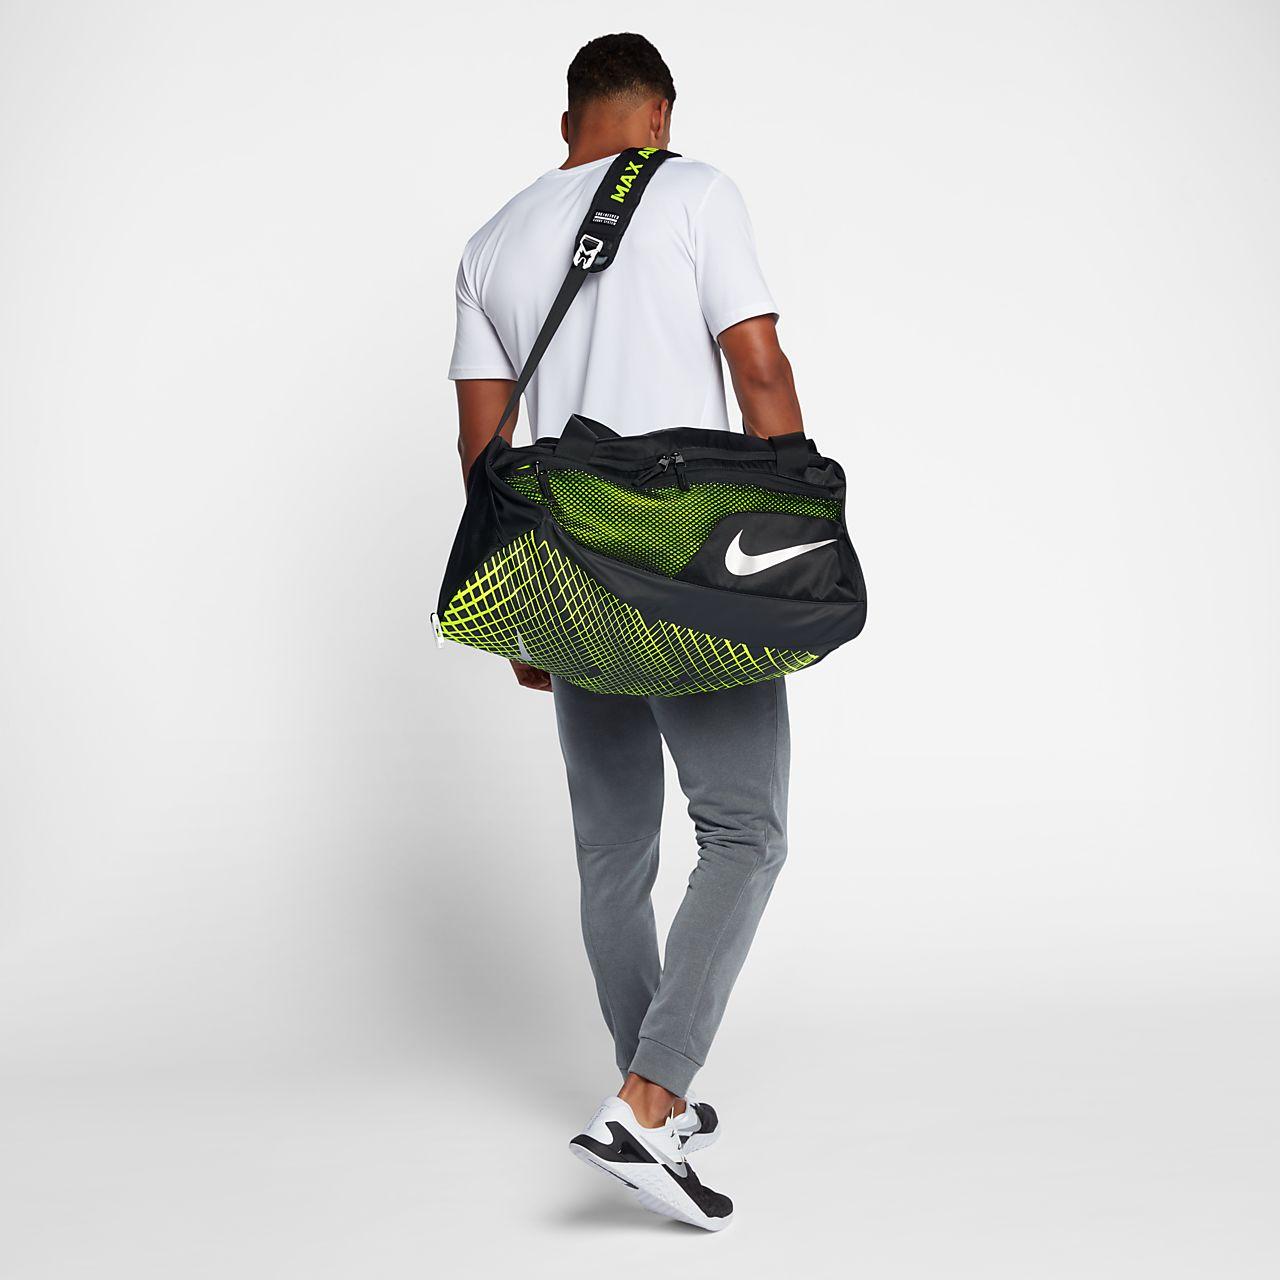 7a3e7d77673 ... nike vapor max air medium training duffel bag new style c70f4 7807b ...